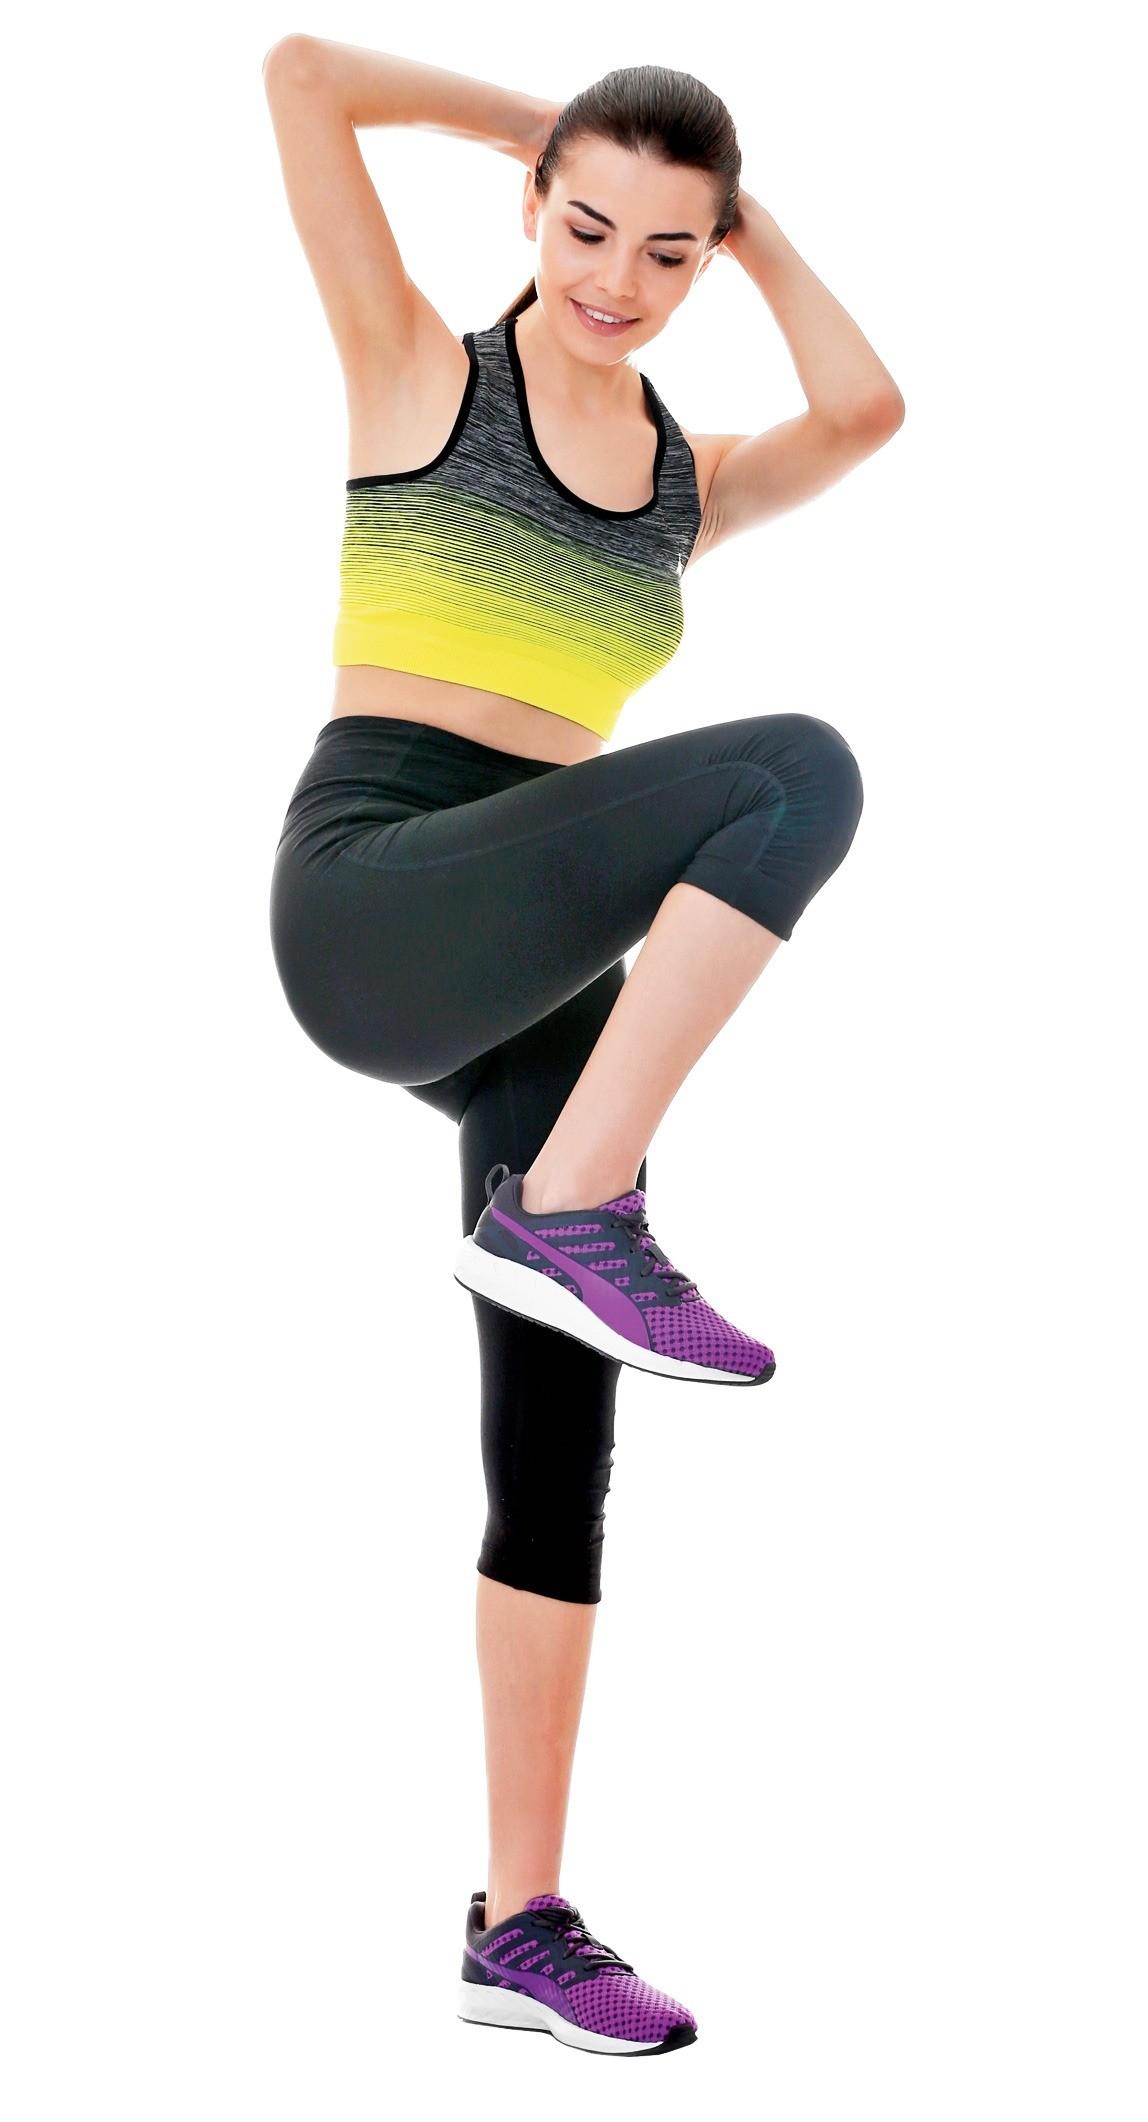 Как убрать бока? Упражнения и продукты-жиросжигатели